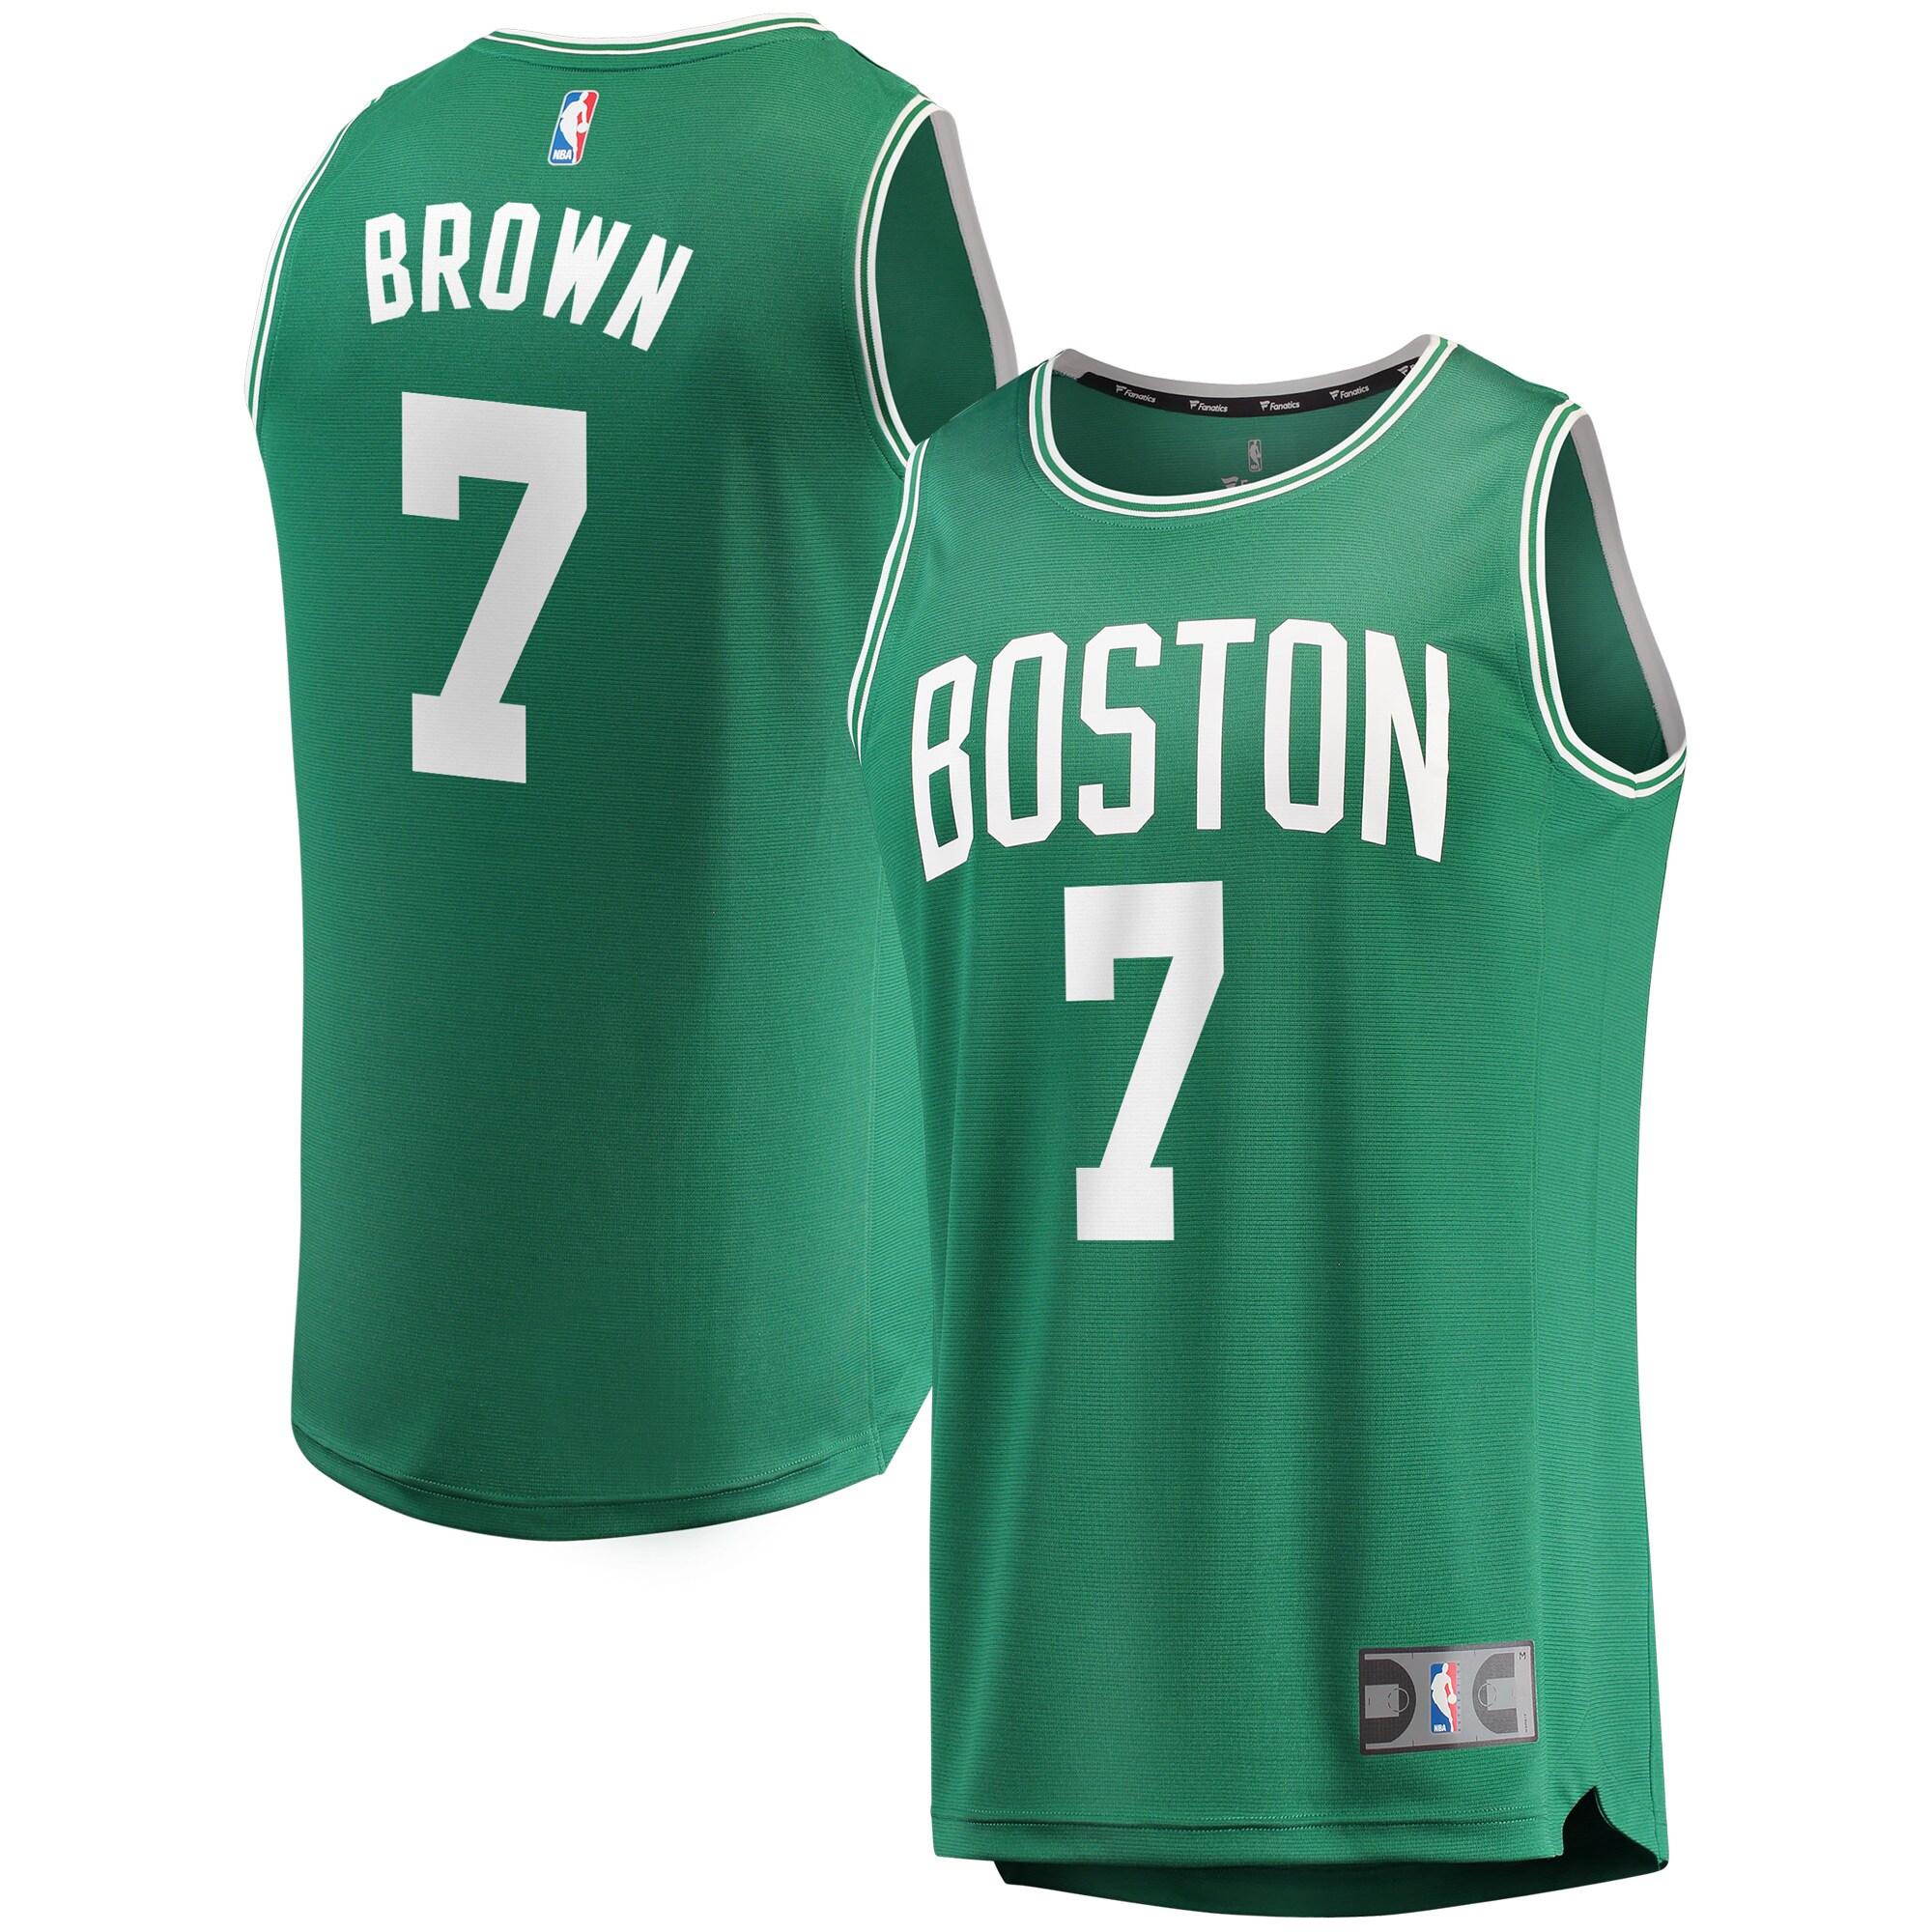 Jaylen Brown Boston Celtics Fanatics Branded Fast Break Replica Player Jersey - Green